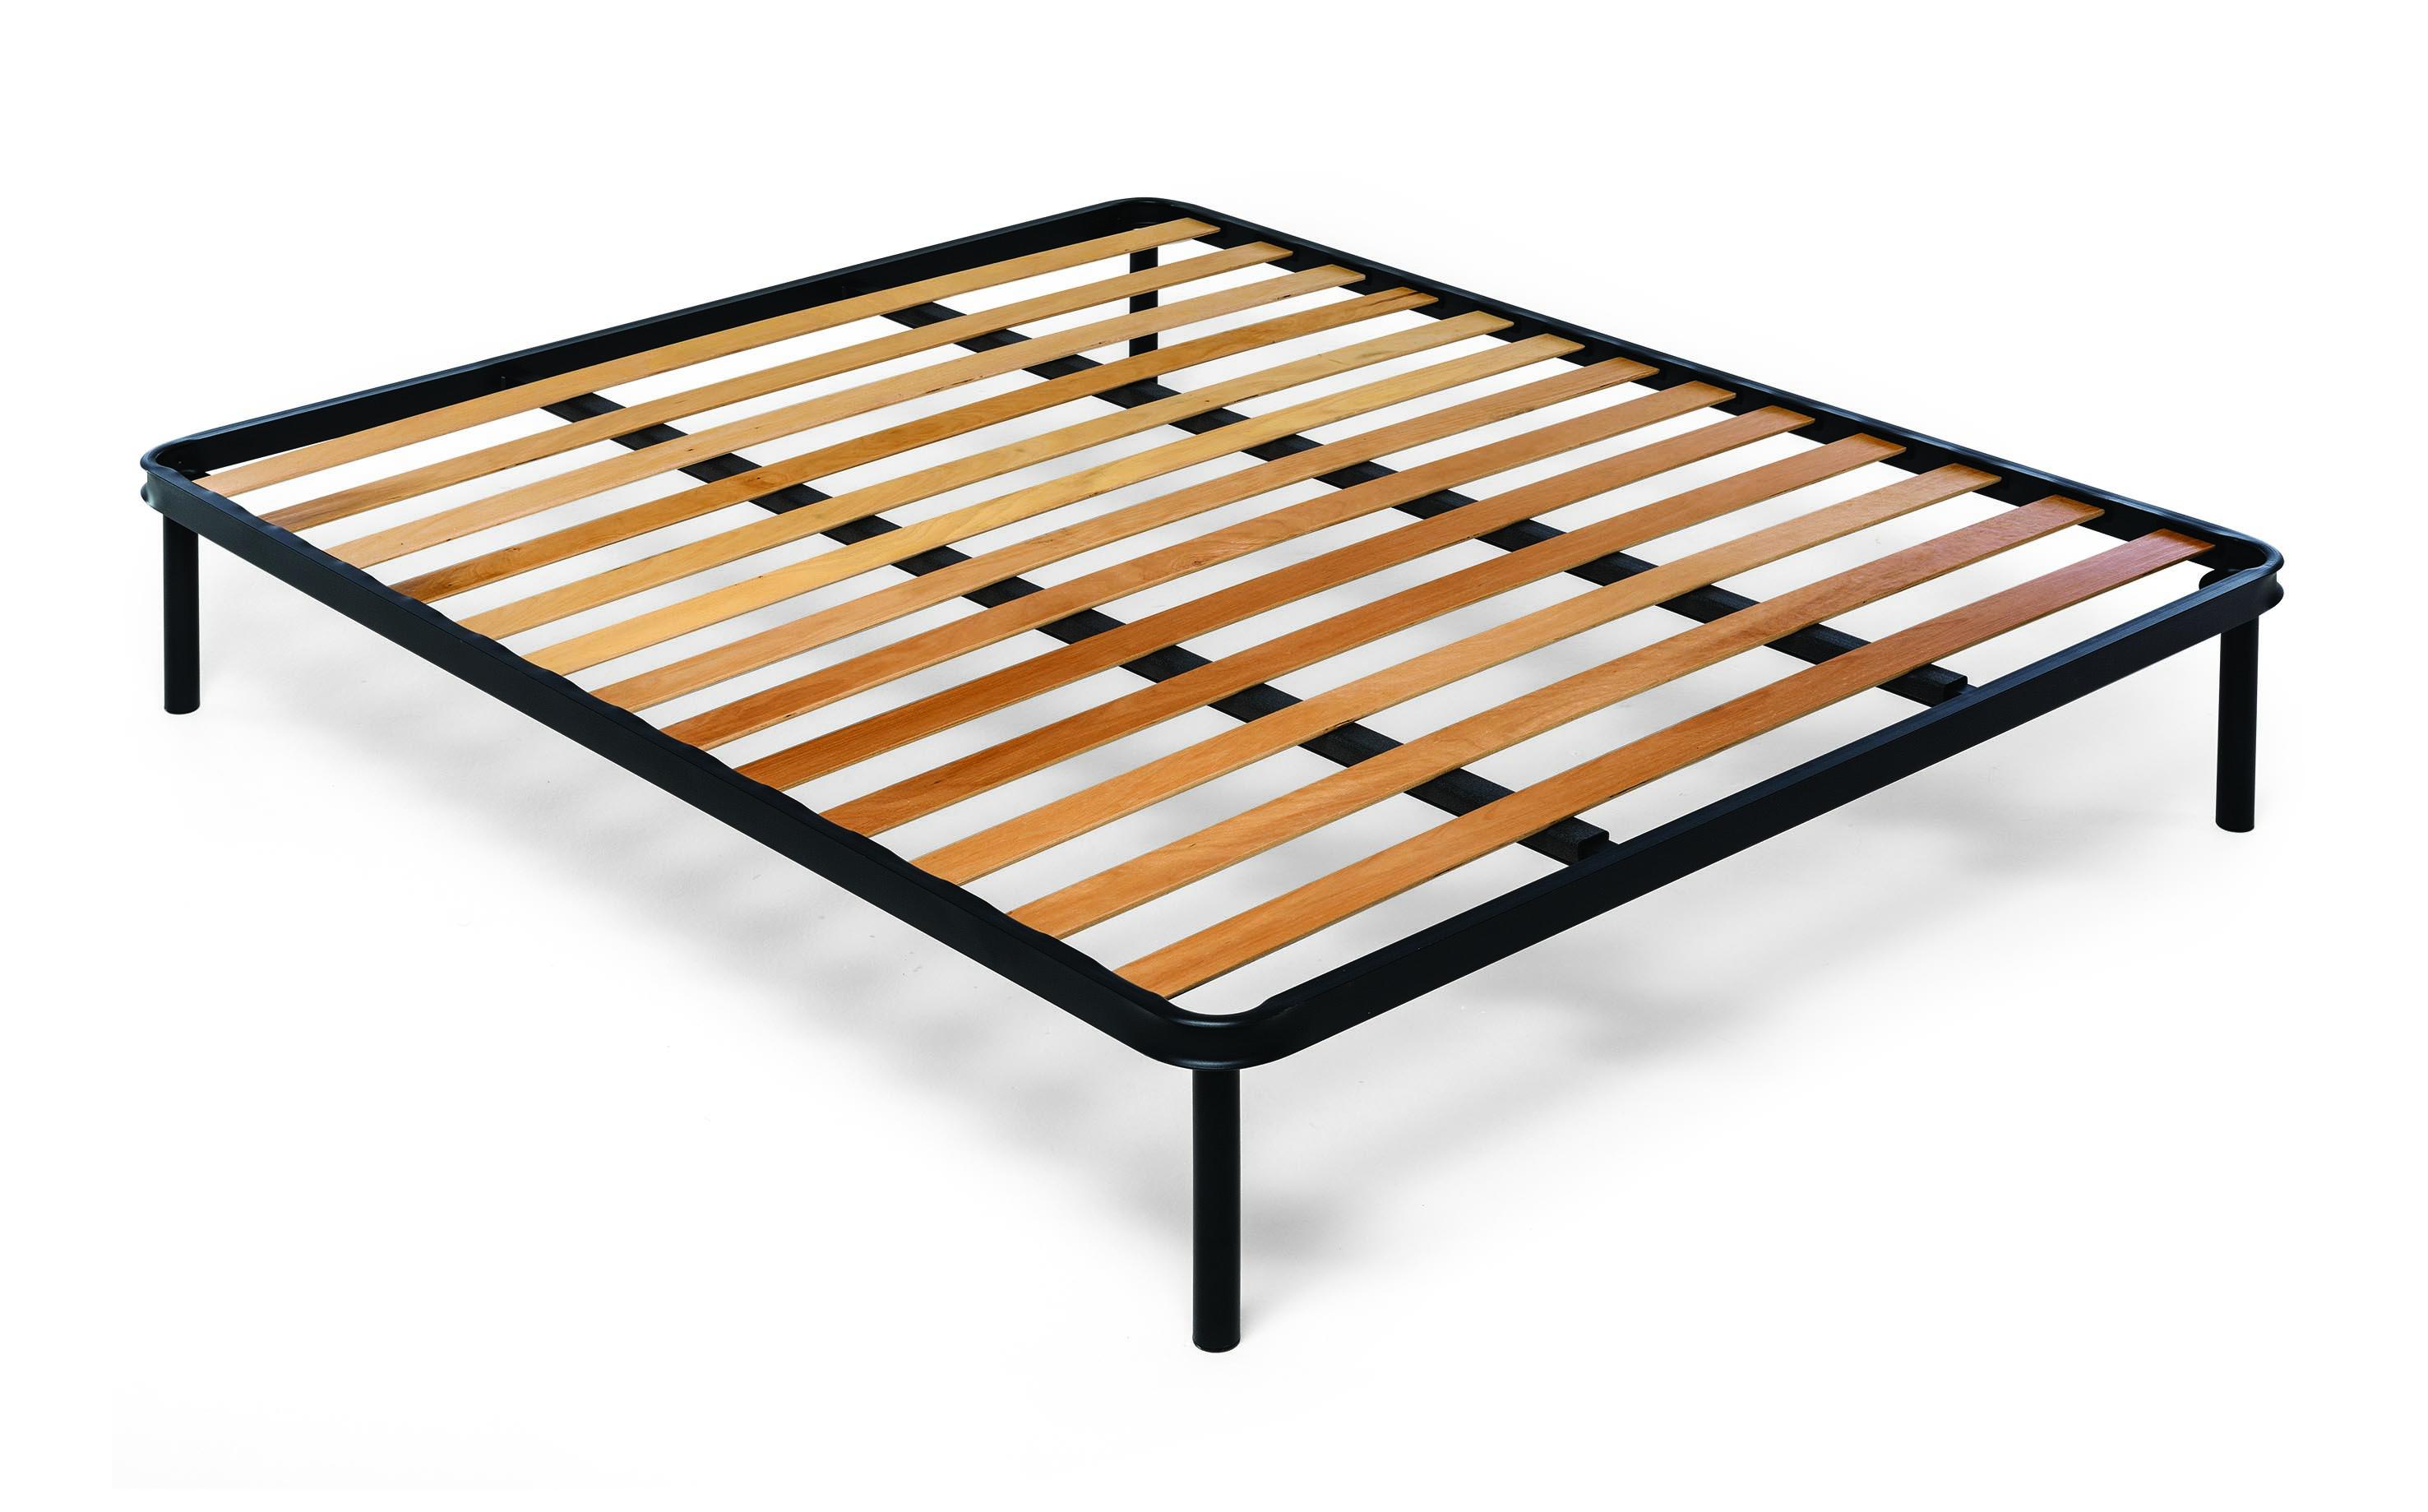 Rete Bed